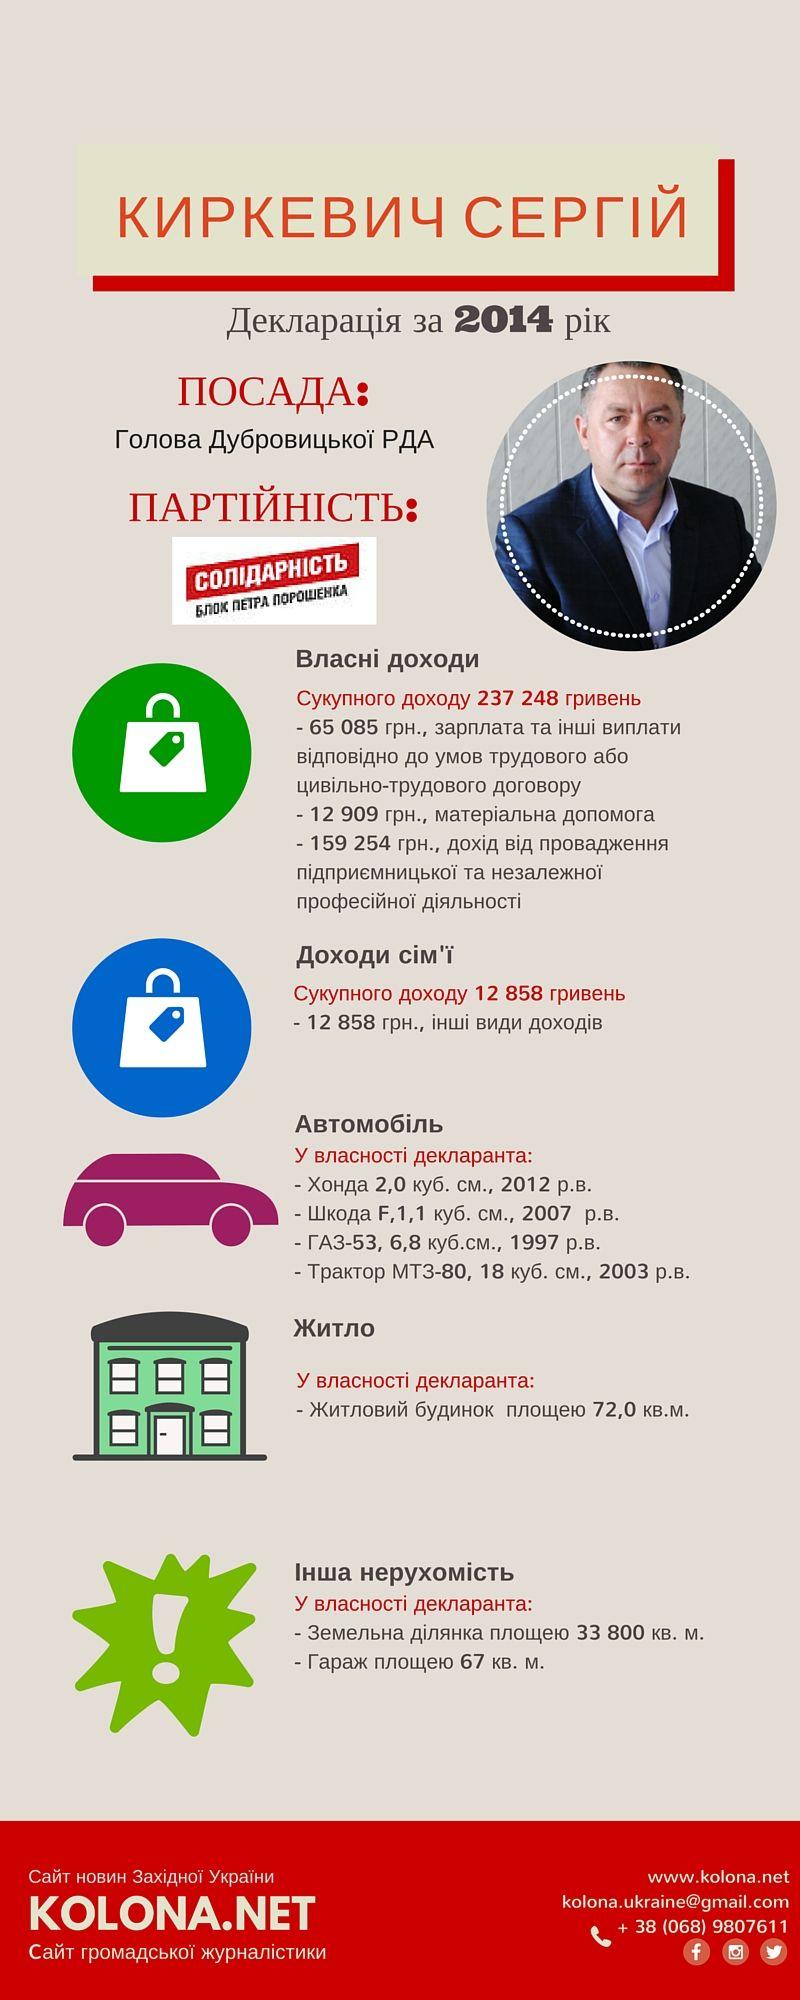 Голова Дубровицької райдержадміністрації - Киркевич Сергій